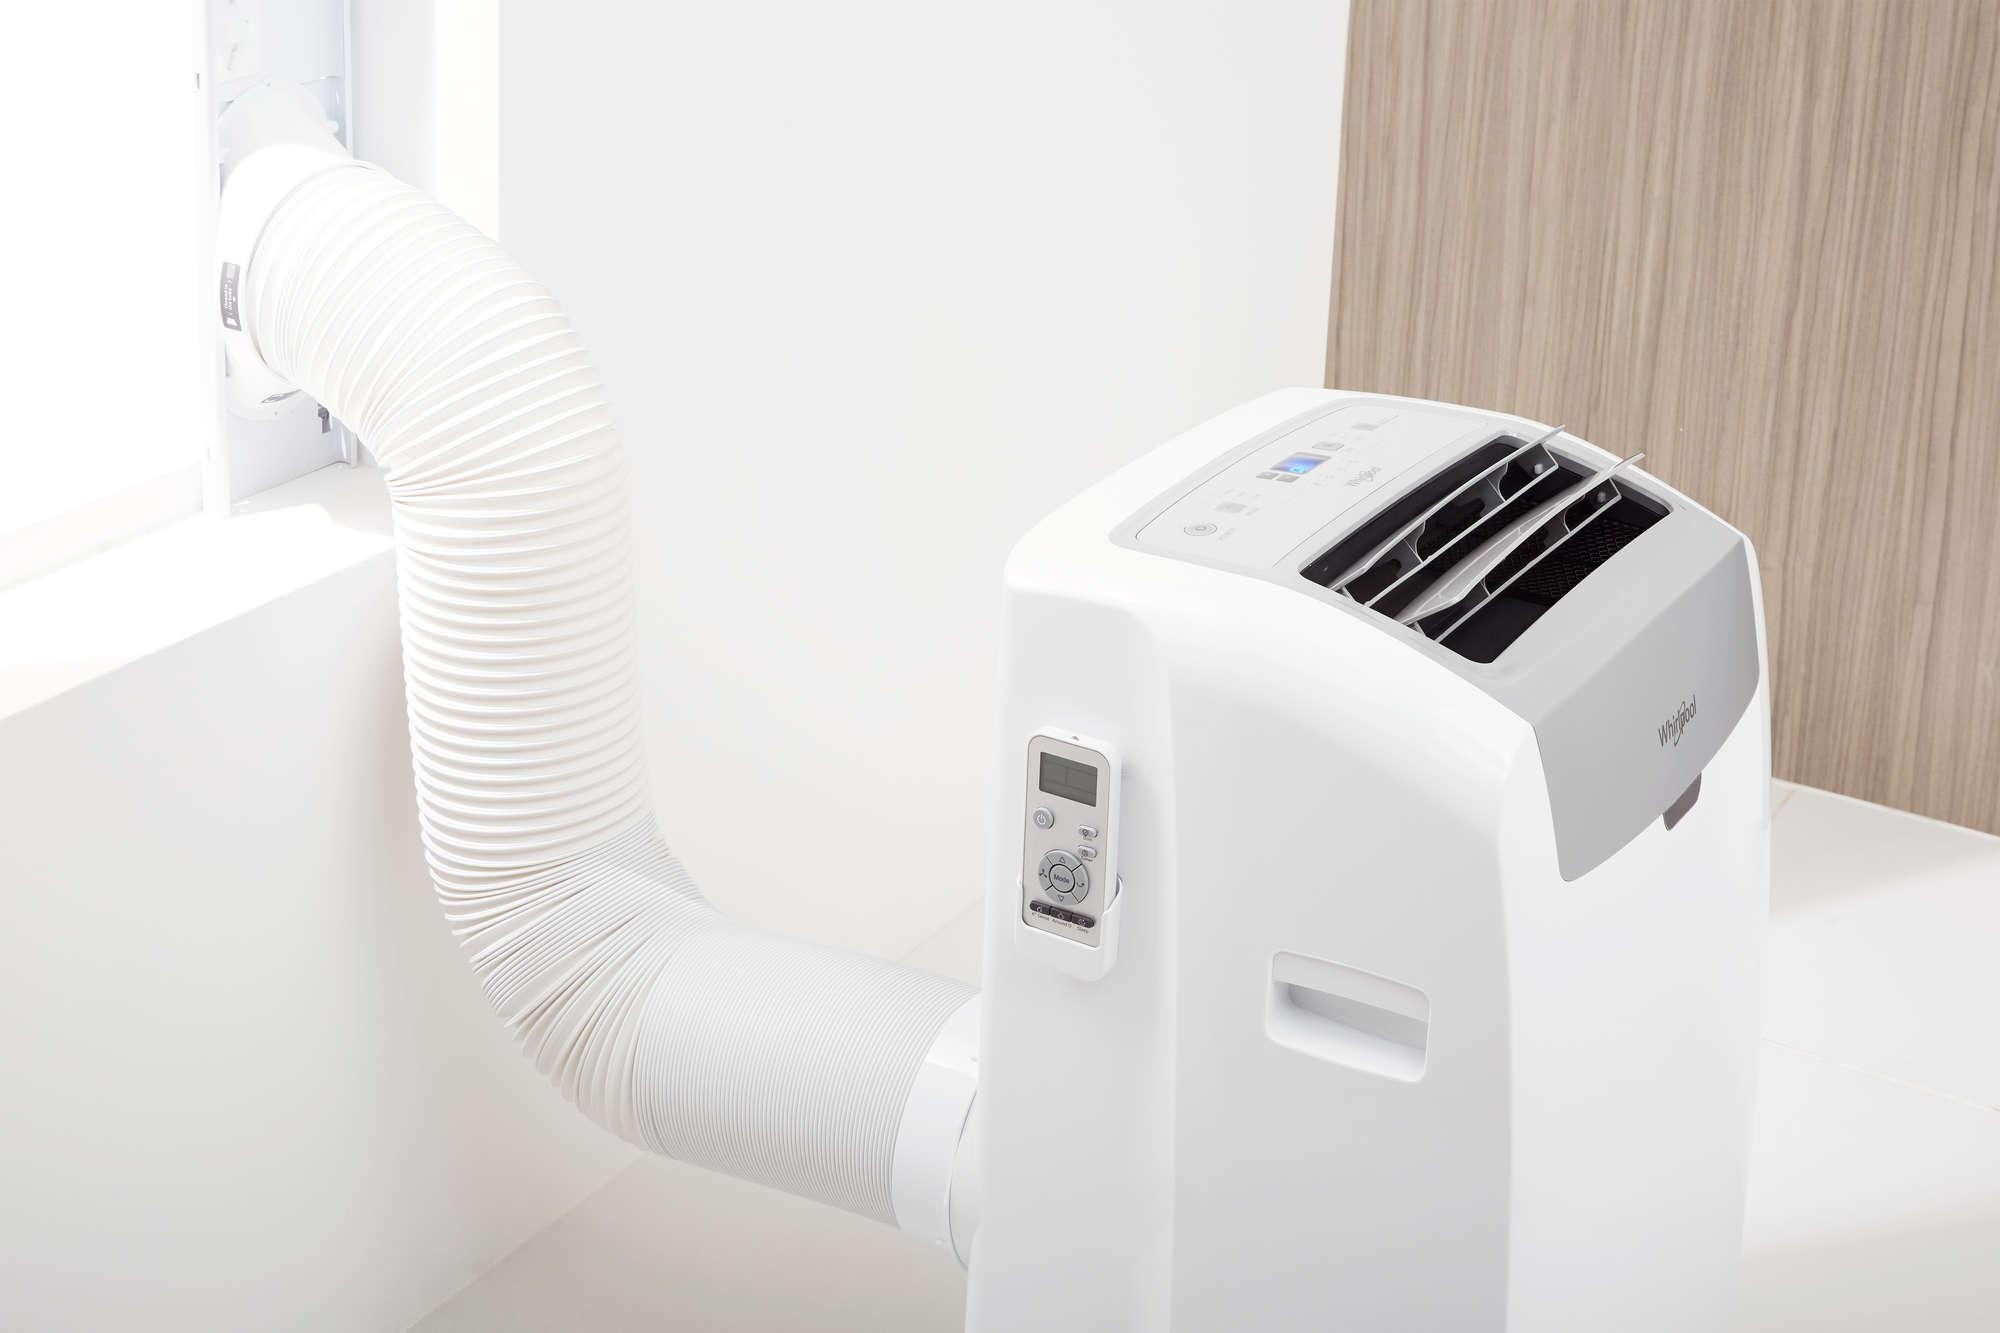 Zdjęcie prezentuje Klimatyzator przenośny WHIRLPOOL PACW 212HP w kolorze białym.